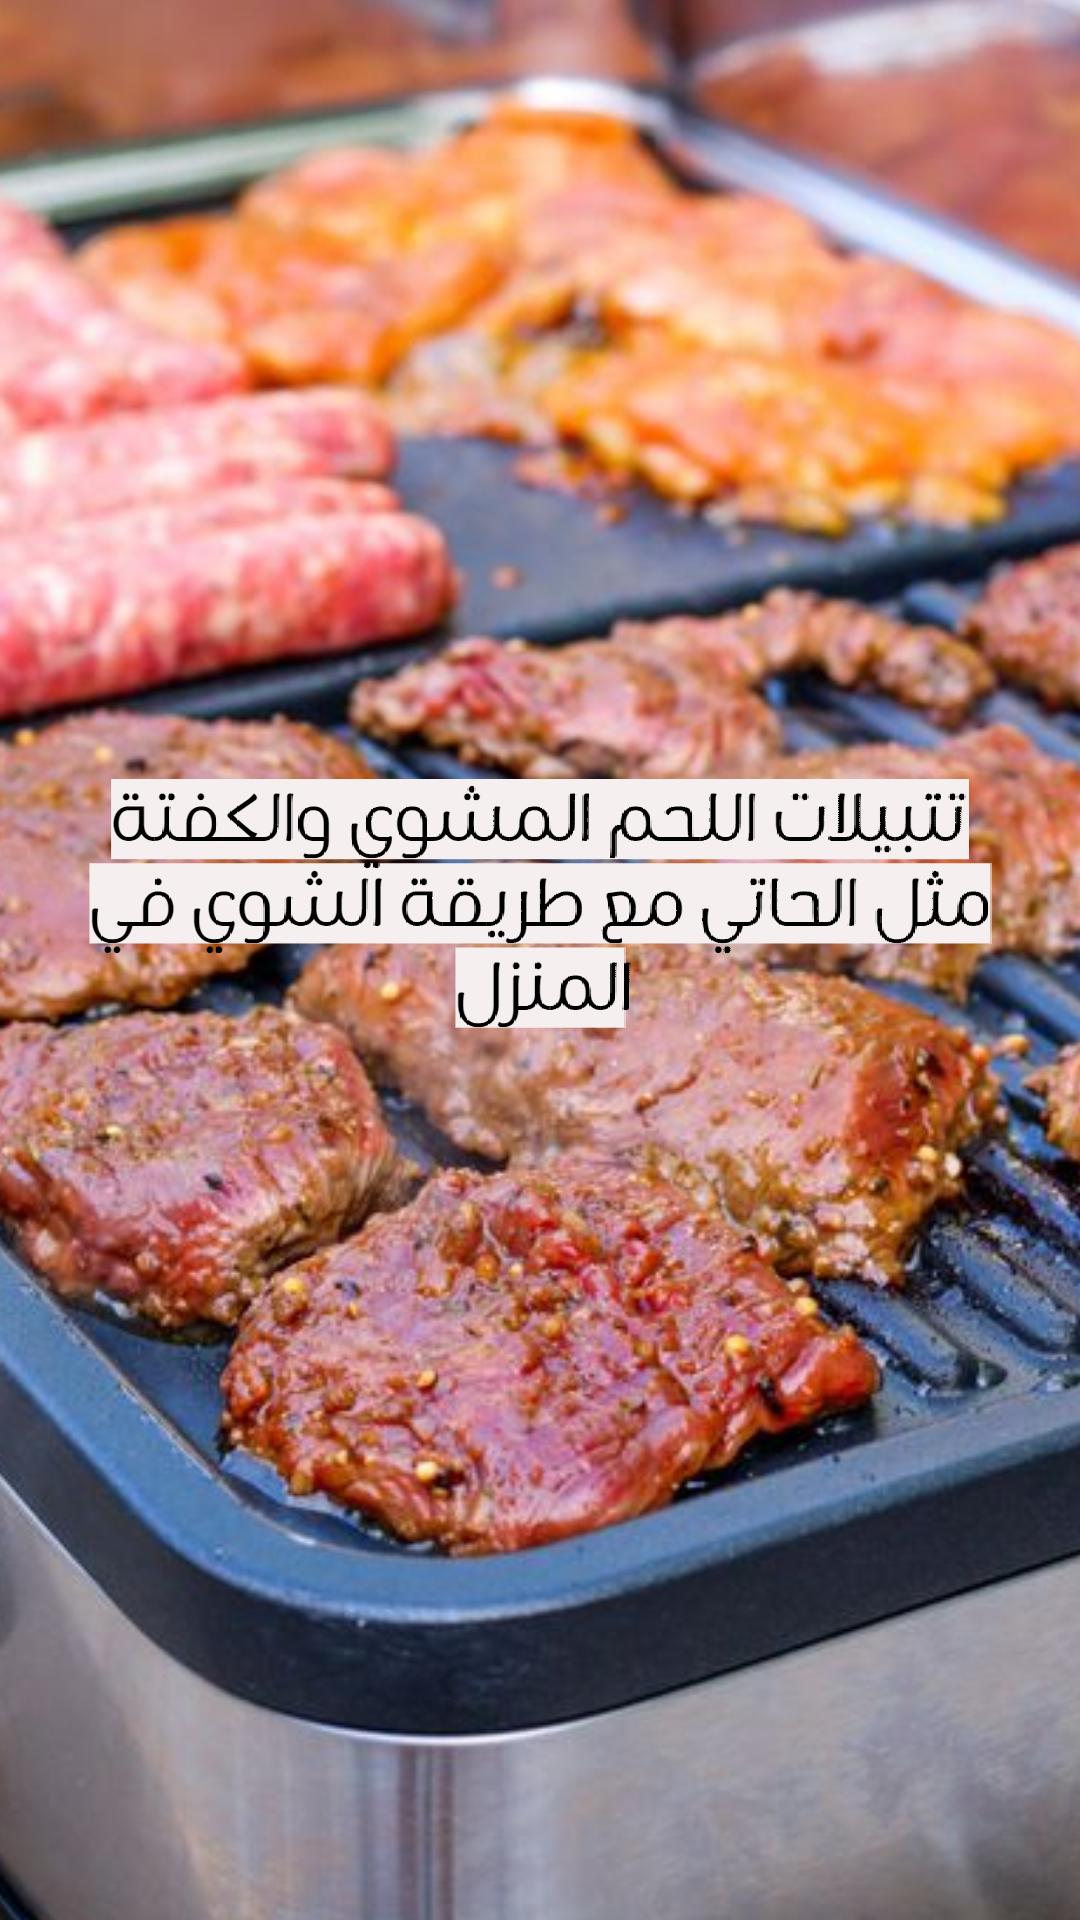 تتبيلات اللحم المشوي والكفتة مثل الحاتي مع طريقة الشوي في المنزل Food Pork Beef